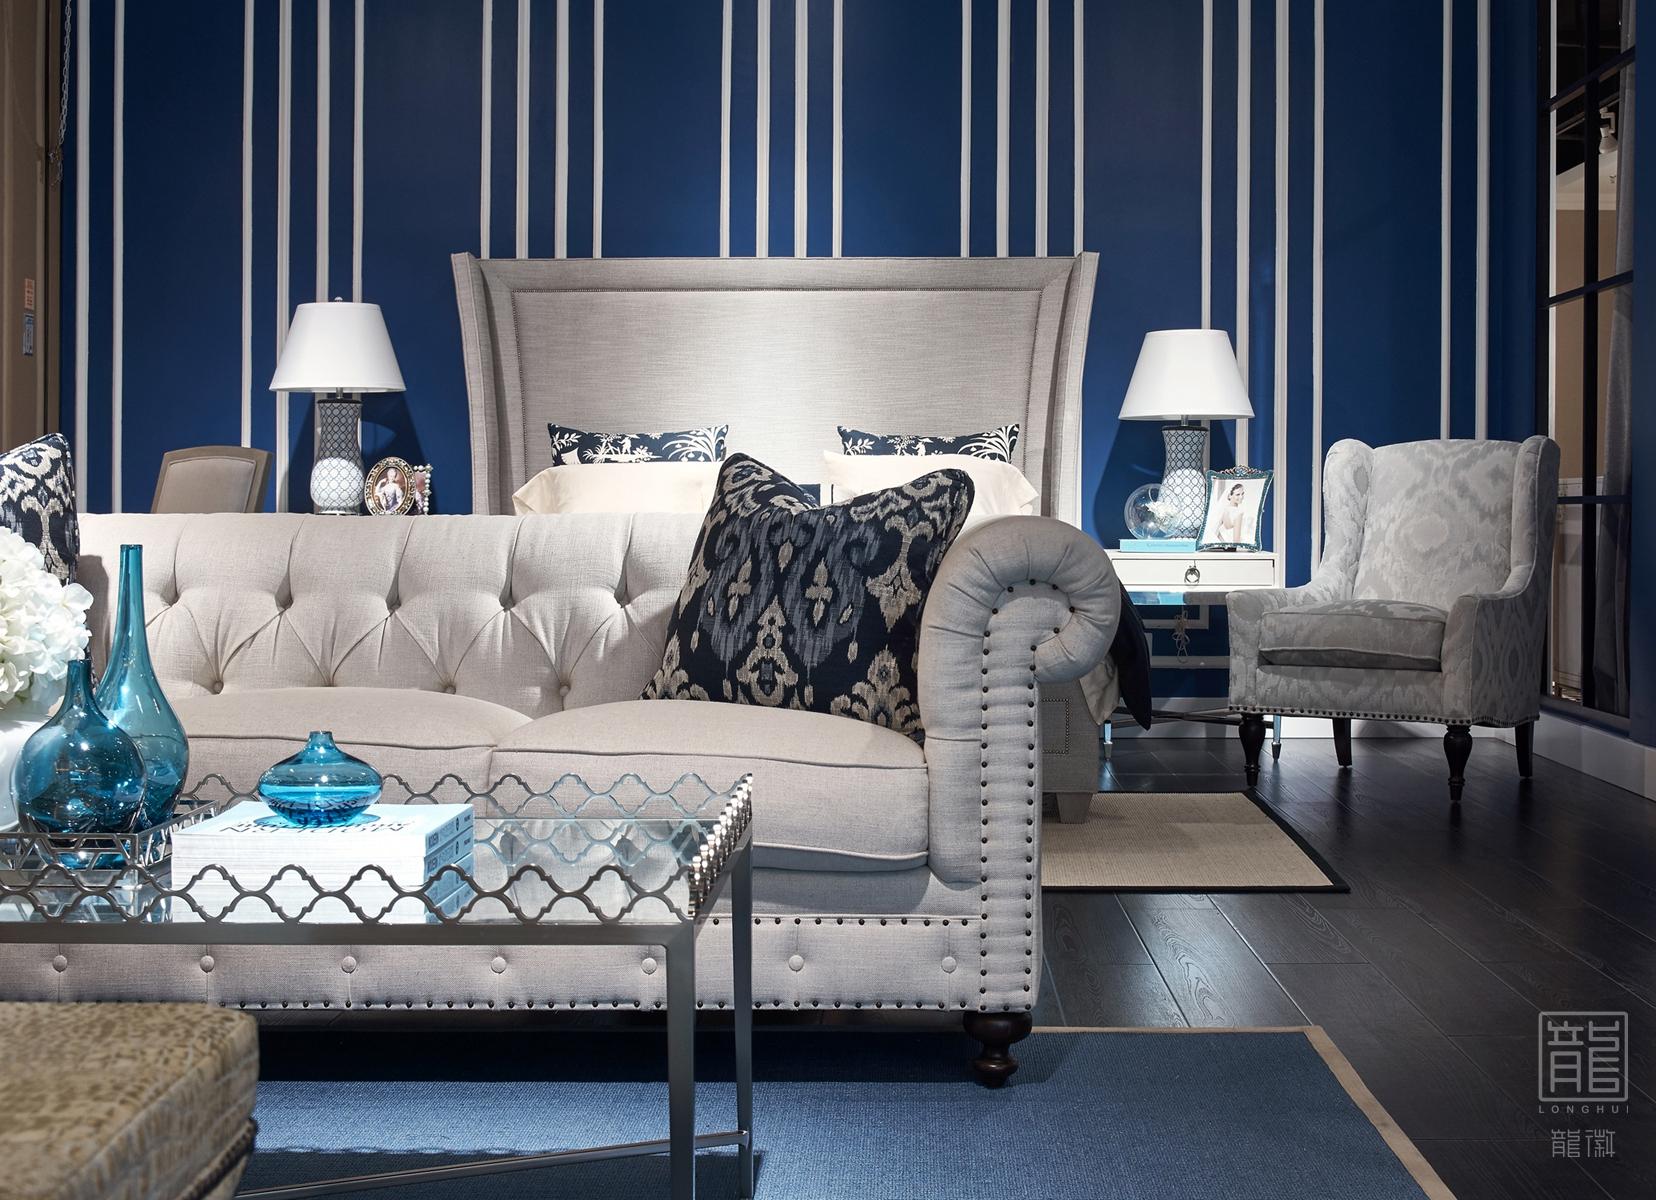 客厅图片来自龙徽设计在成都富森美本哈特温格美式家居馆的分享